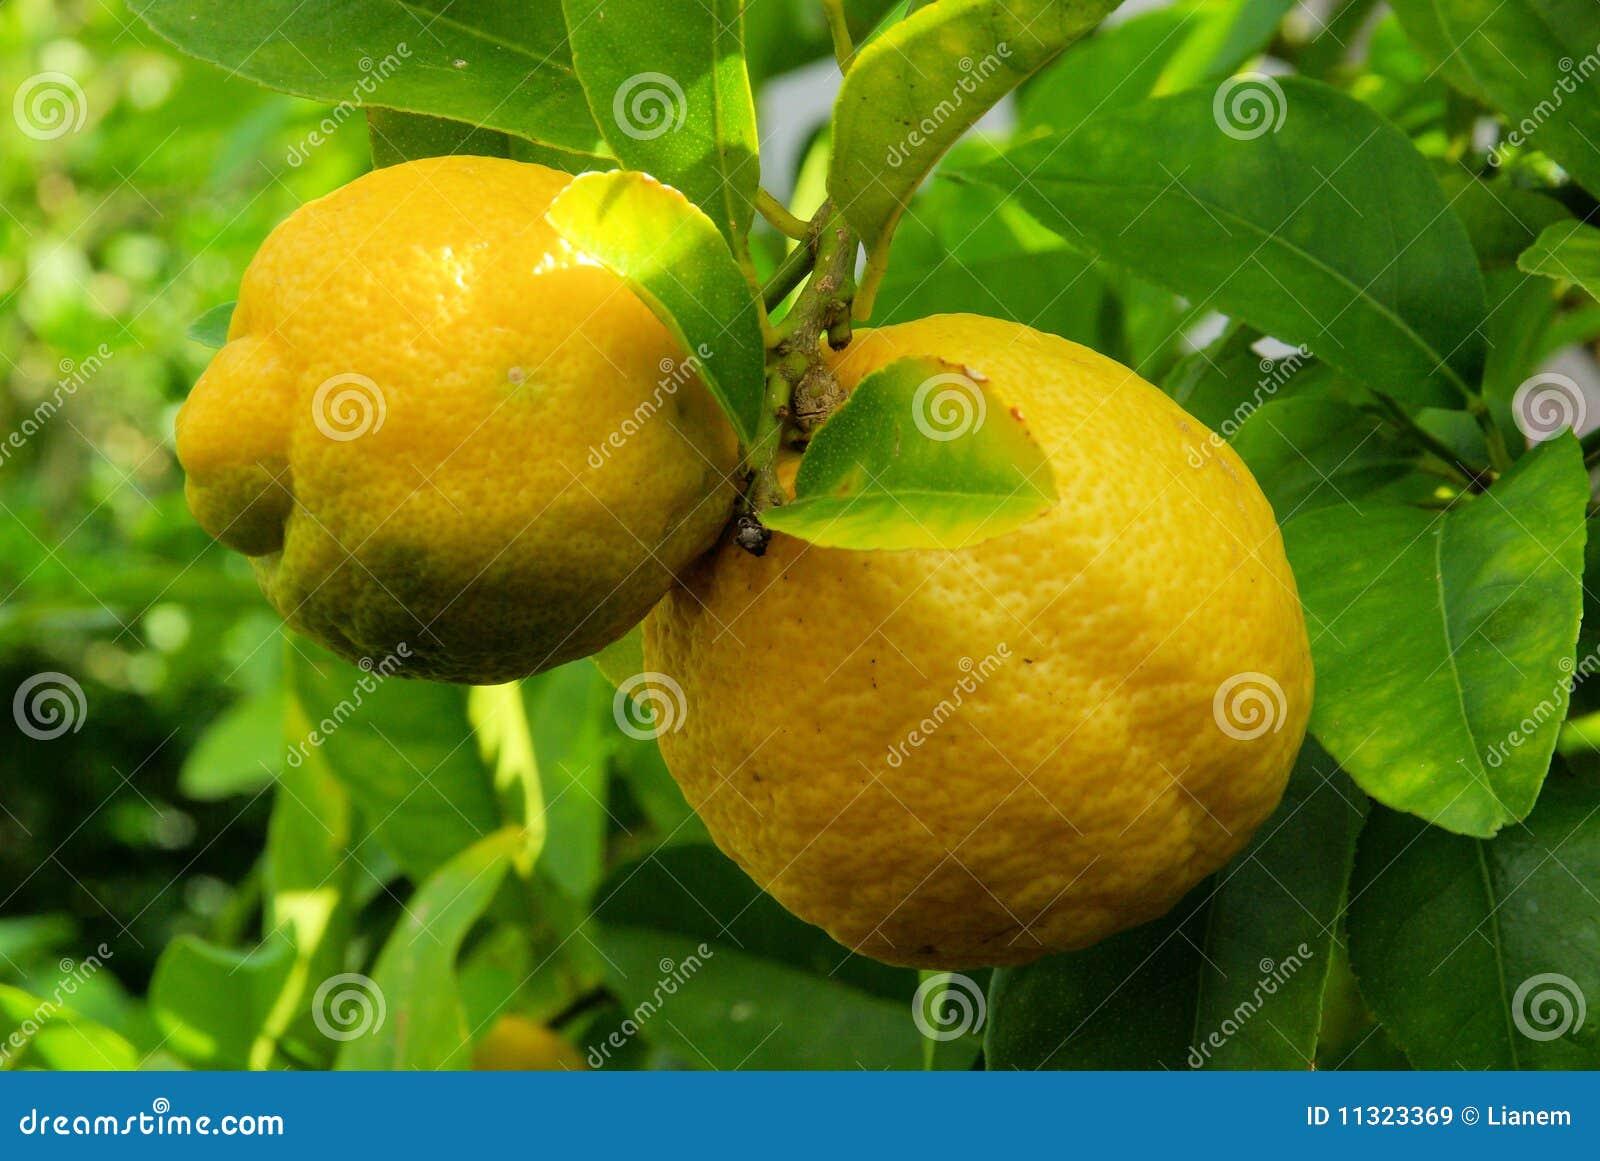 Zitrone auf Baum